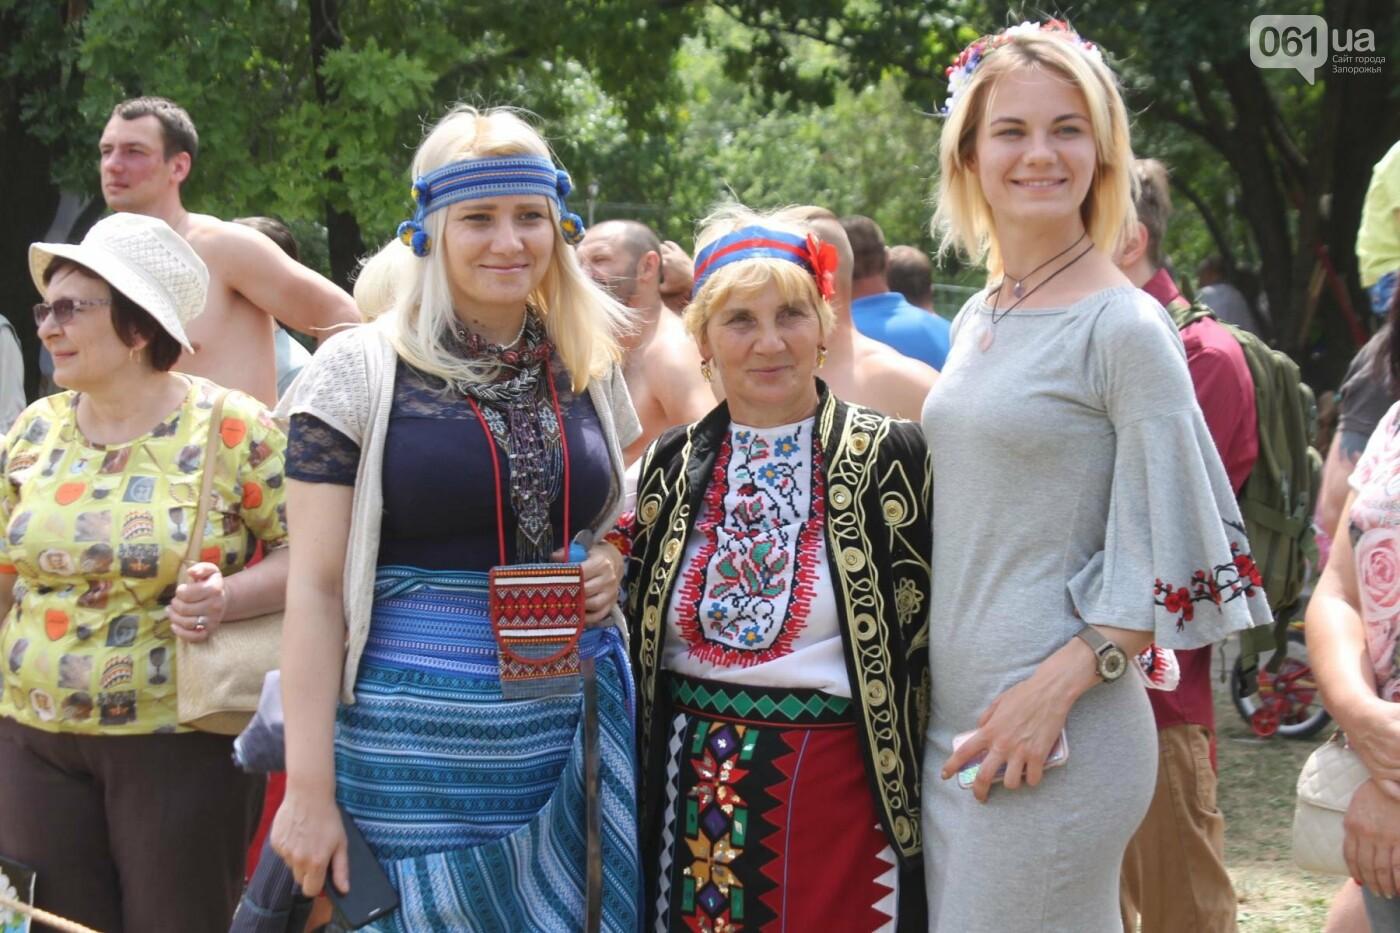 «Лава на лаву», борьба на поясах и ярмарка вышиванок: как в Запорожье прошли всеукраинские казацкие игры, – ФОТОРЕПОРТАЖ, фото-42